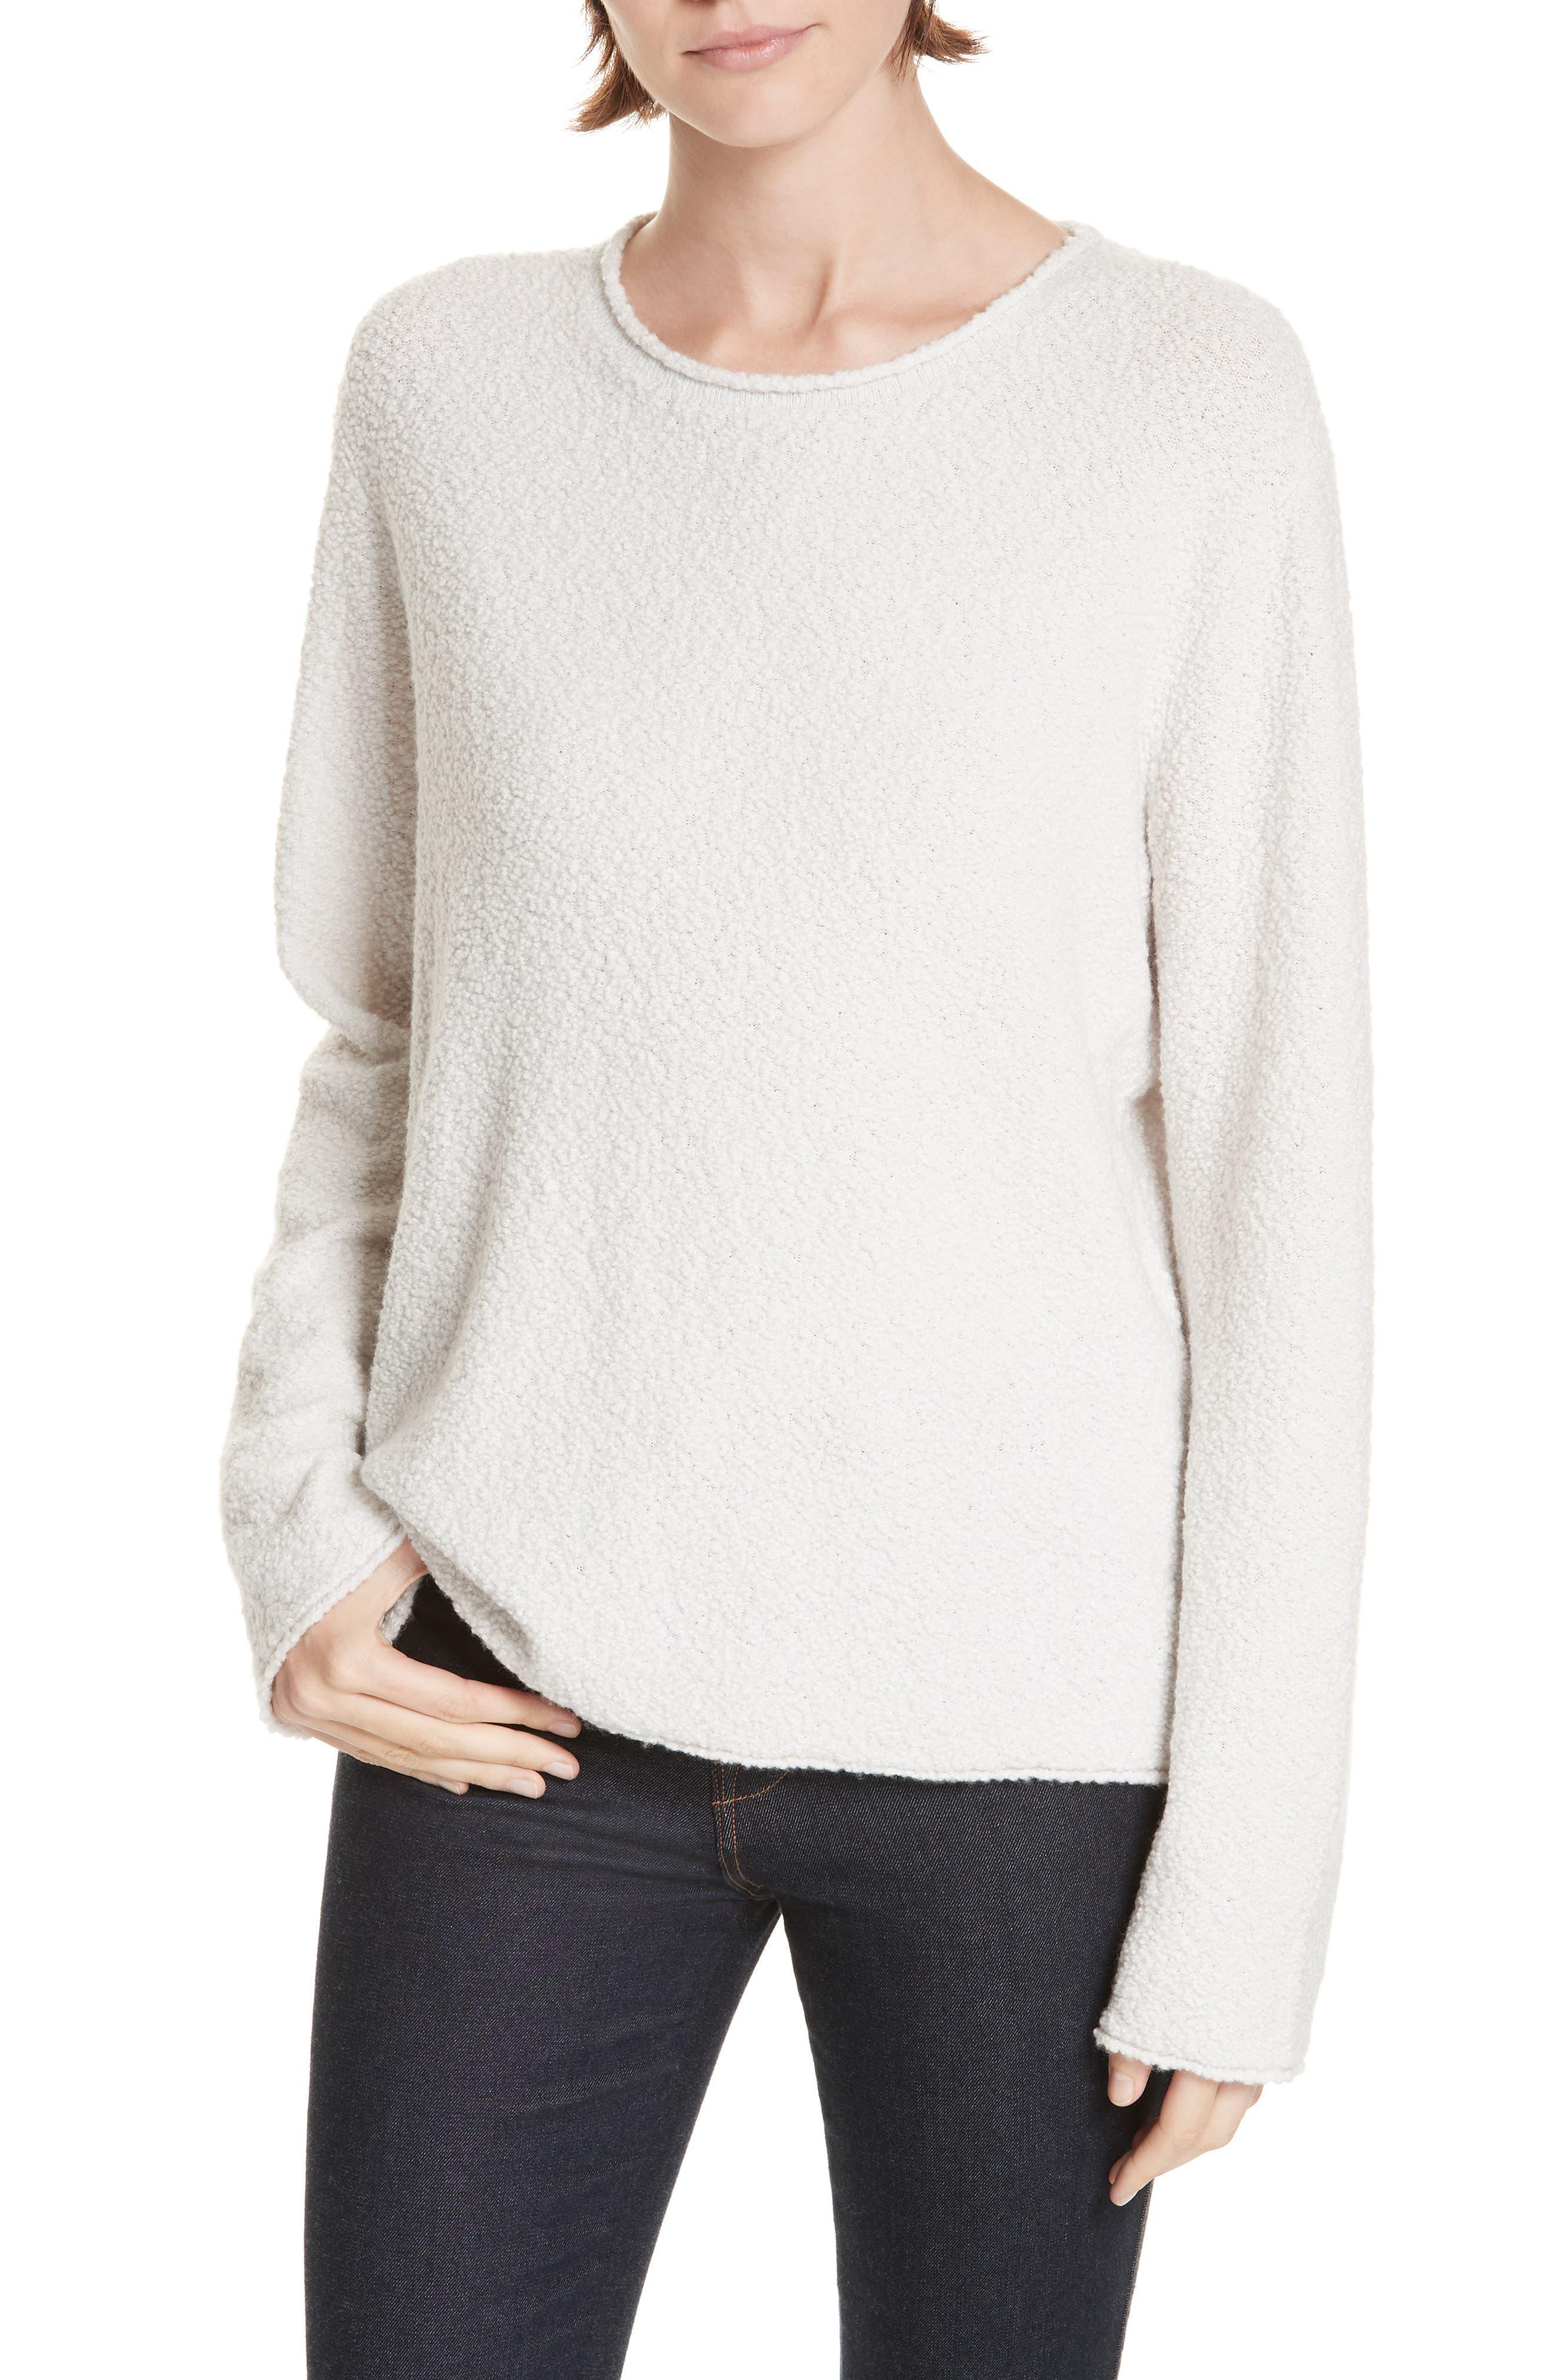 JENNI KAYNE Bouclé Crewneck Sweater in Cloud